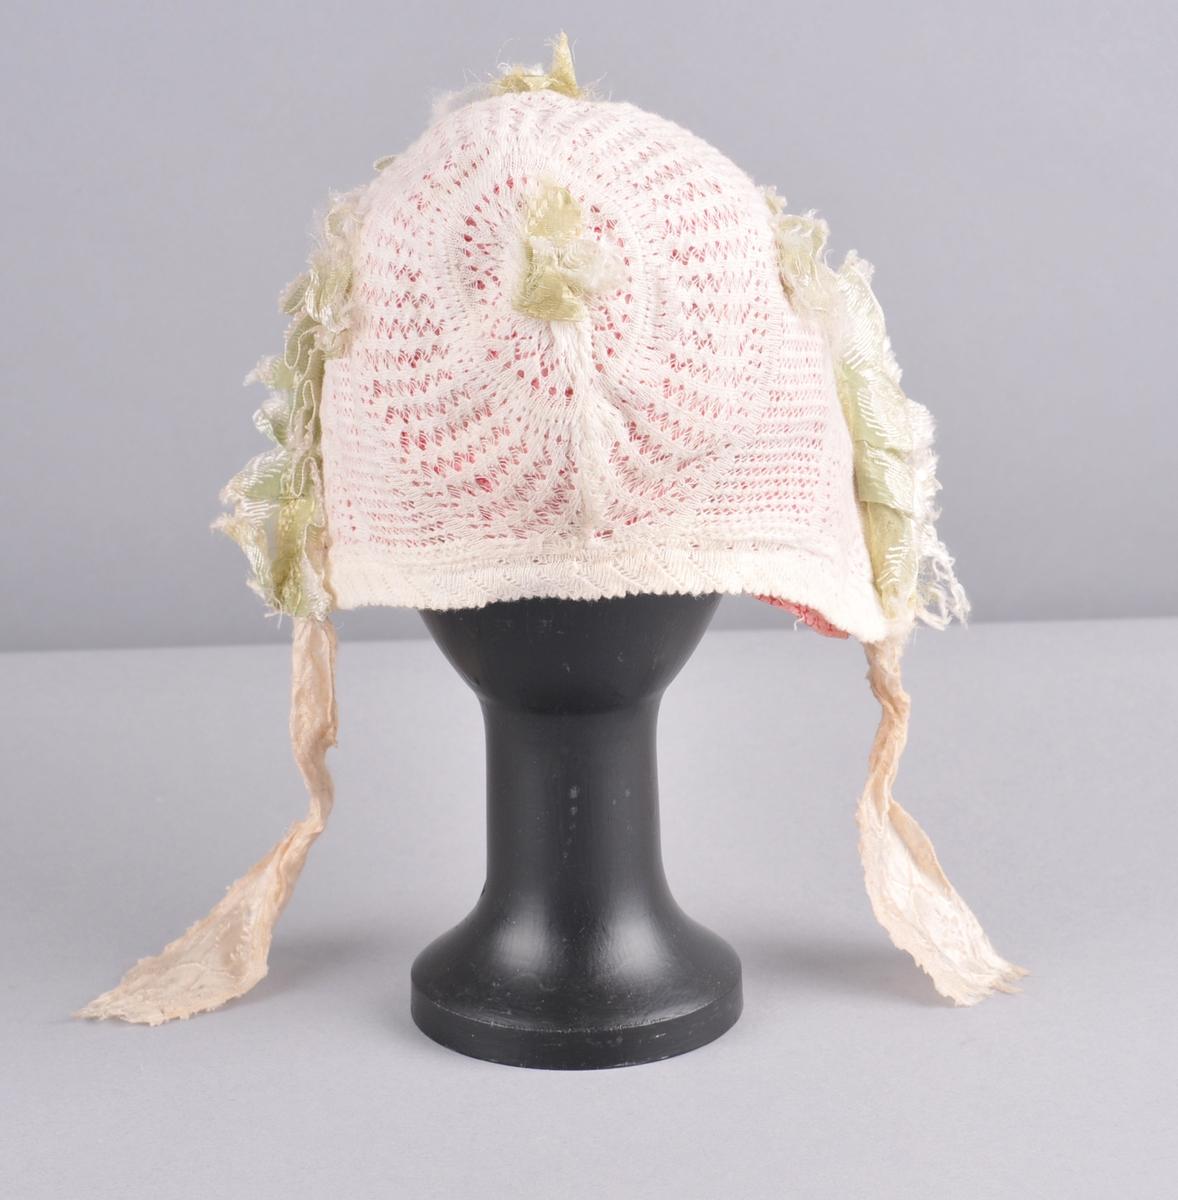 Maskinstrikka, fabrikkert, kvit luve av bomull. Luva har kyseform og fastsauma innerluve med  blondekant. Luva er mønsterstrikka og dekorert med grønt og kvitt silkeband, ei sløyfe oppå hovudet, ei på kvar side og ei øverst i nakken.  Liknande silkeband er foldelagt og ligg langs heile framkanten av luva. Silkebanda er sauma fast, gjennomgåande på både ytterluve og innerluve. Kvite silkeband er knytebanda på luva, eit i kvar side. Innerluva er av mønstertrykt bomullslerret i rosa, raudt og kvitt. Den er av eit stykke, har saum i nakken og er rynka på issen. Framover har innerluva jarekant  med ei påsauma bomullsblonde som visar berre på vronga. Mot nakken har luva brei dobbel fald og legg.